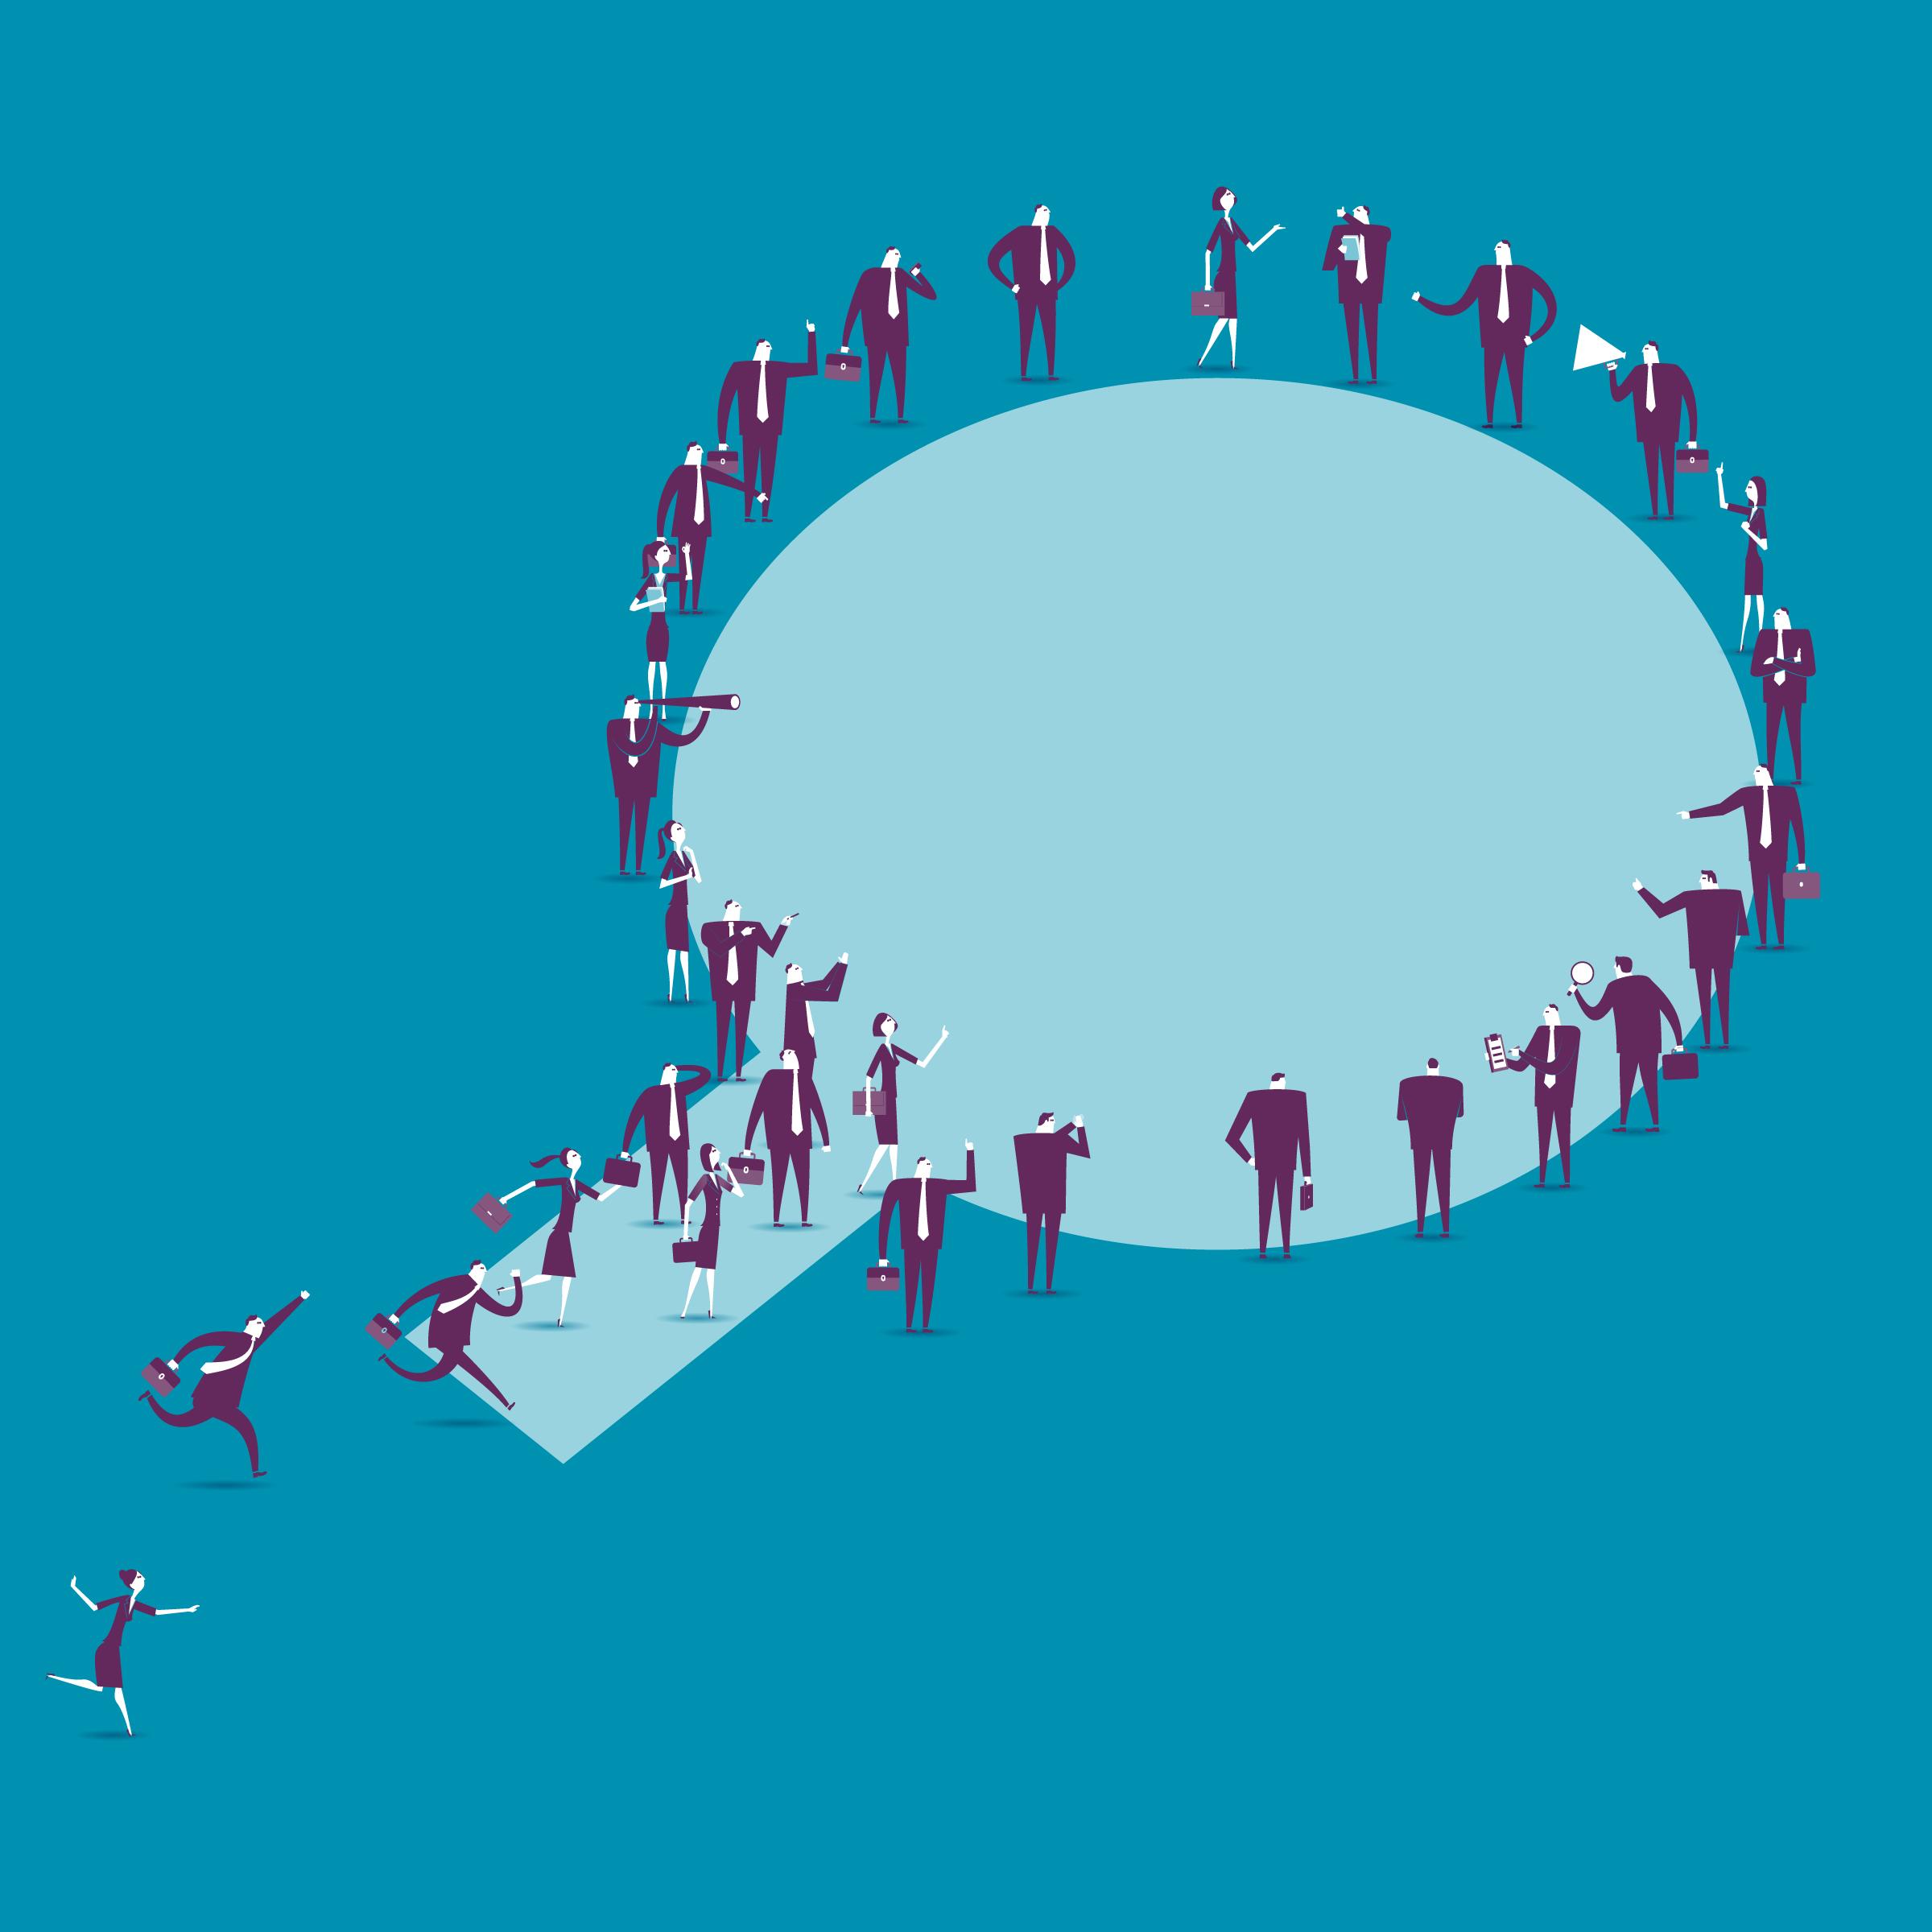 chuyển đổi số hội đồng quản trị